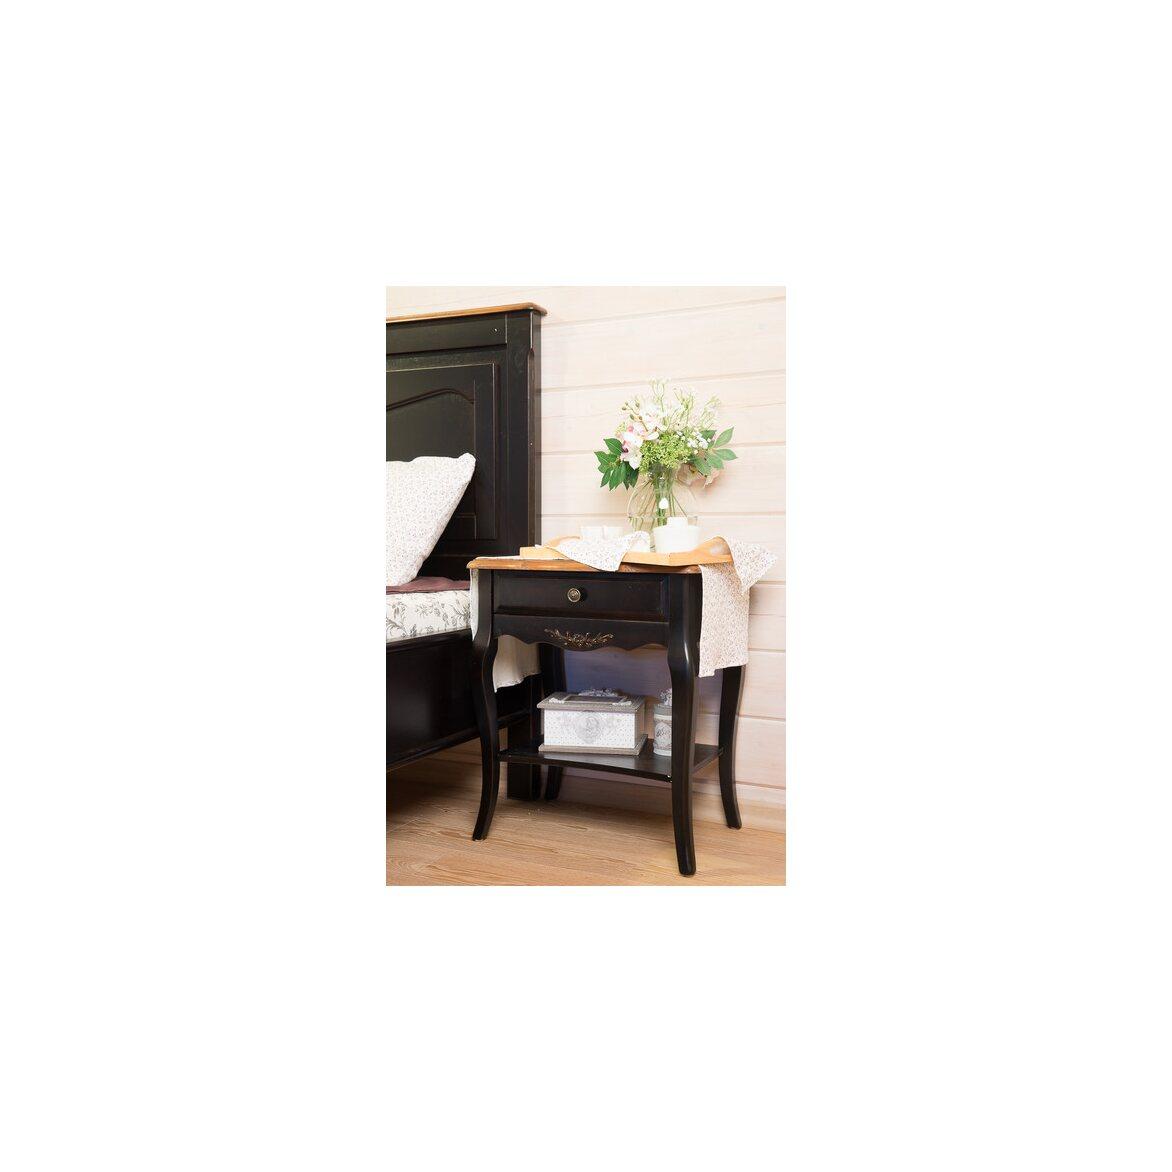 Прикроватная тумба с ящиком и полкой Leontina, черного цвета 2 | Прикроватные тумбы Kingsby